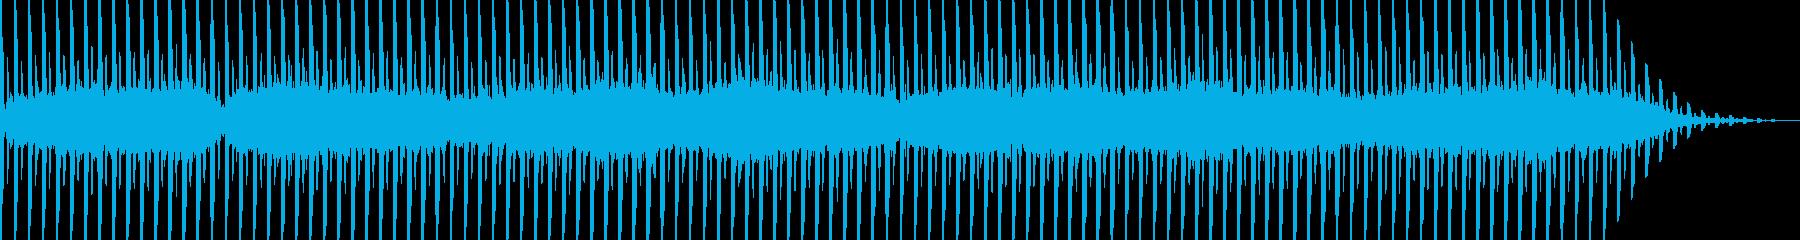 サイエンス 科学 実験 化学 理科 教育の再生済みの波形